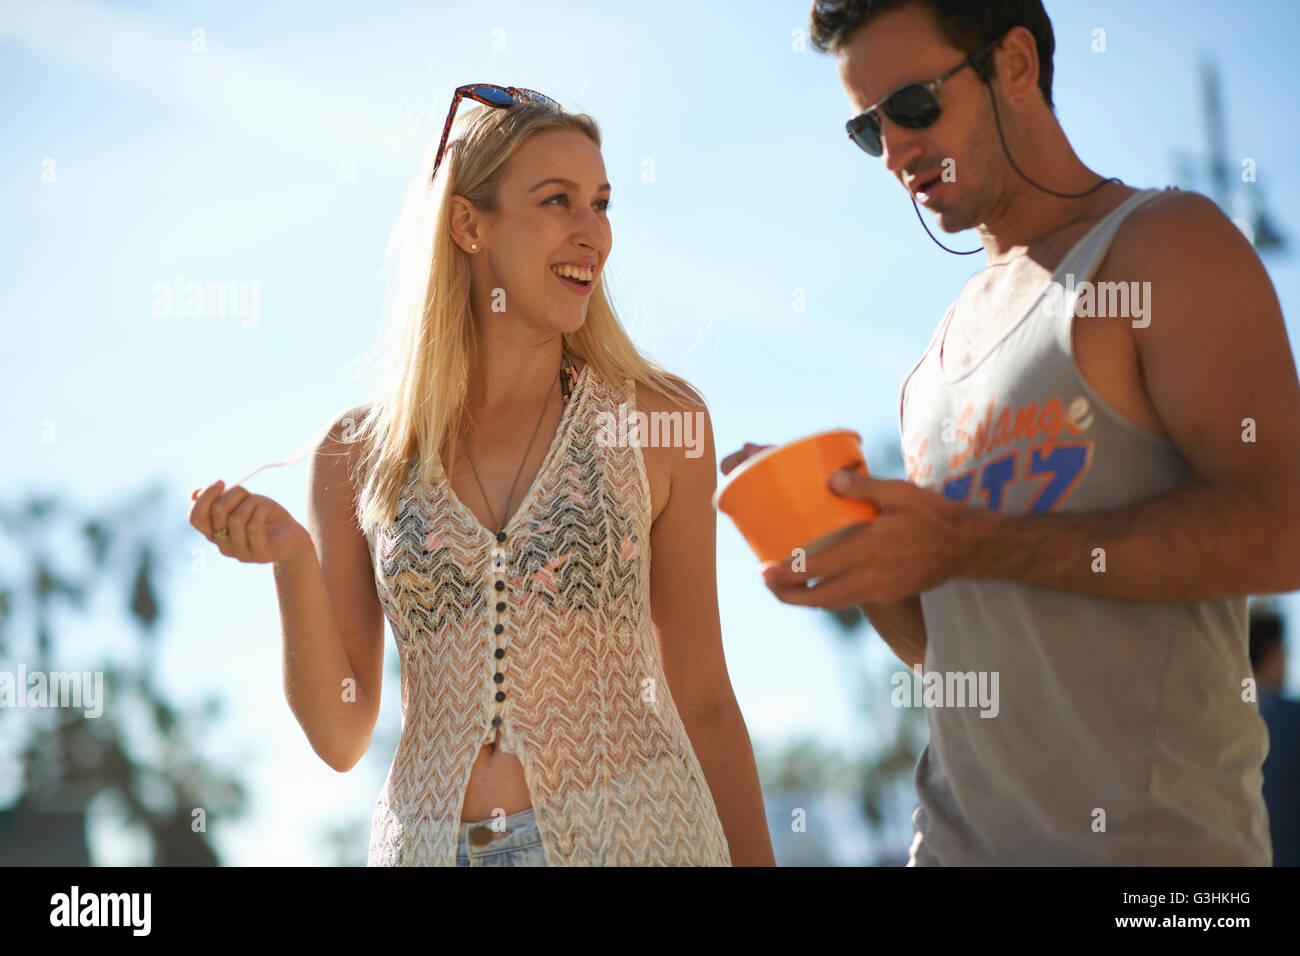 Paio di passeggiare e mangiare yogurt surgelato a Venice Beach, California, Stati Uniti d'America Immagini Stock